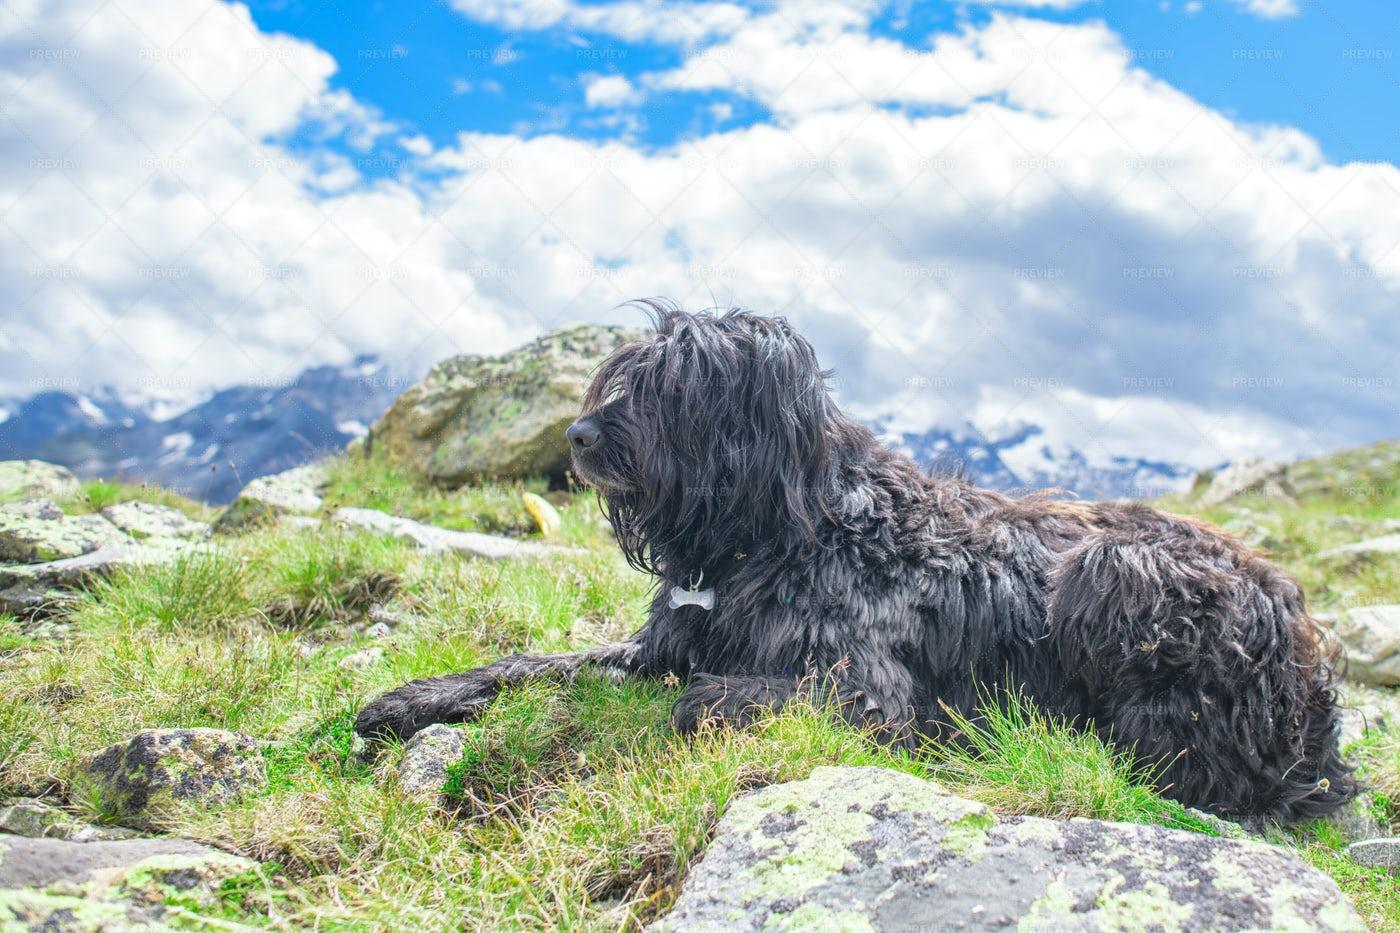 Sheepdog In The Mountains: Stock Photos